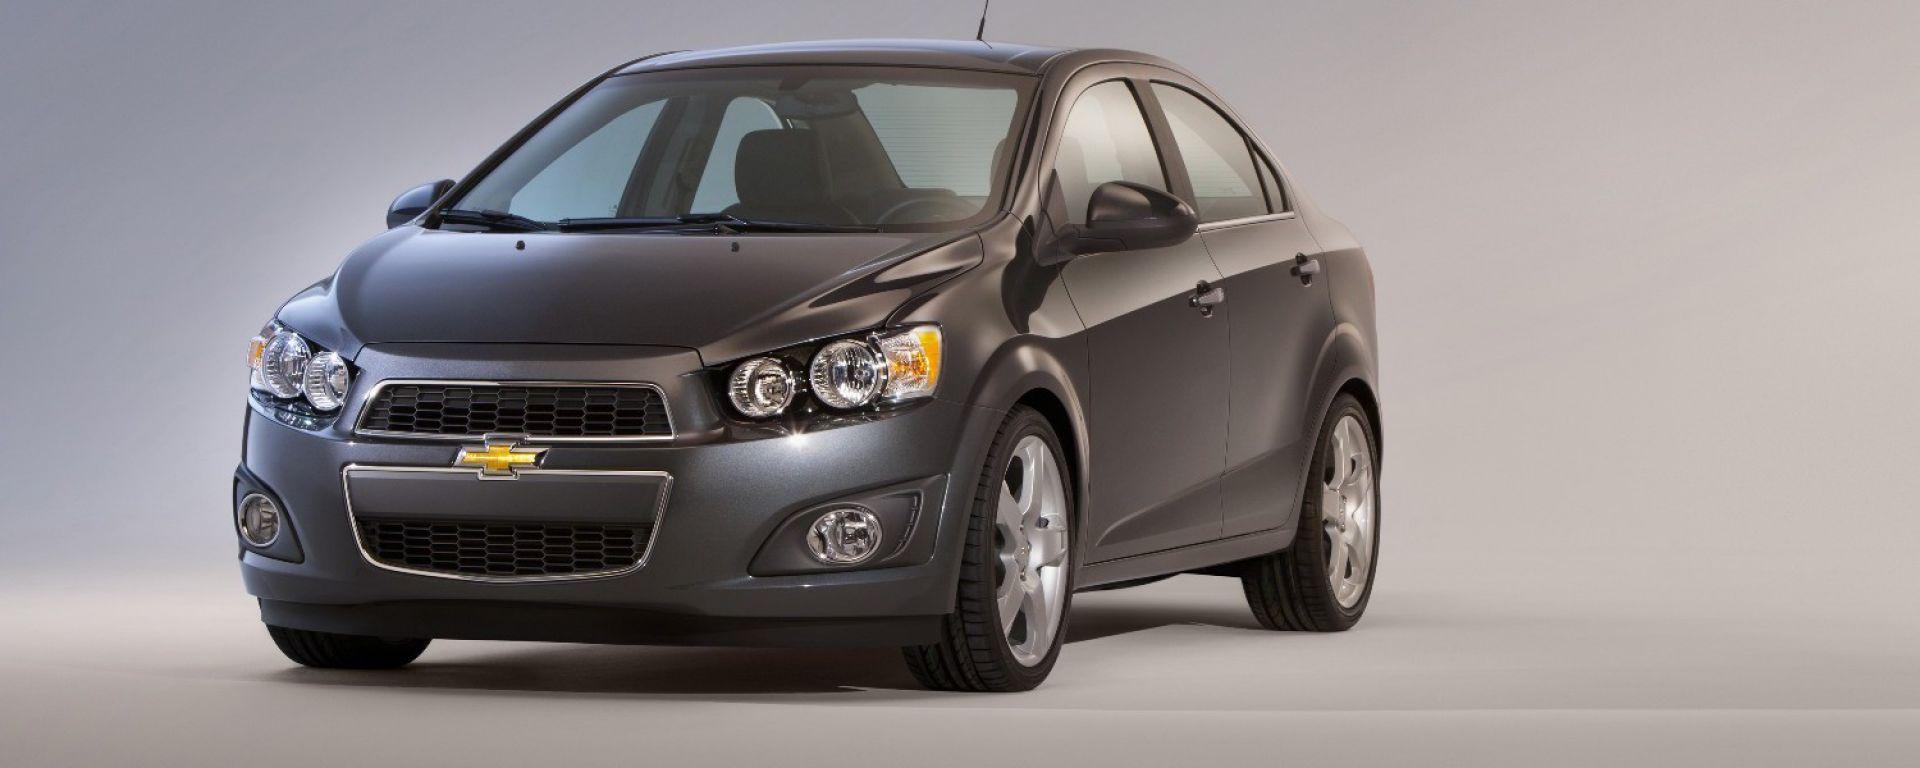 Nuova Chevrolet Sonic/Aveo